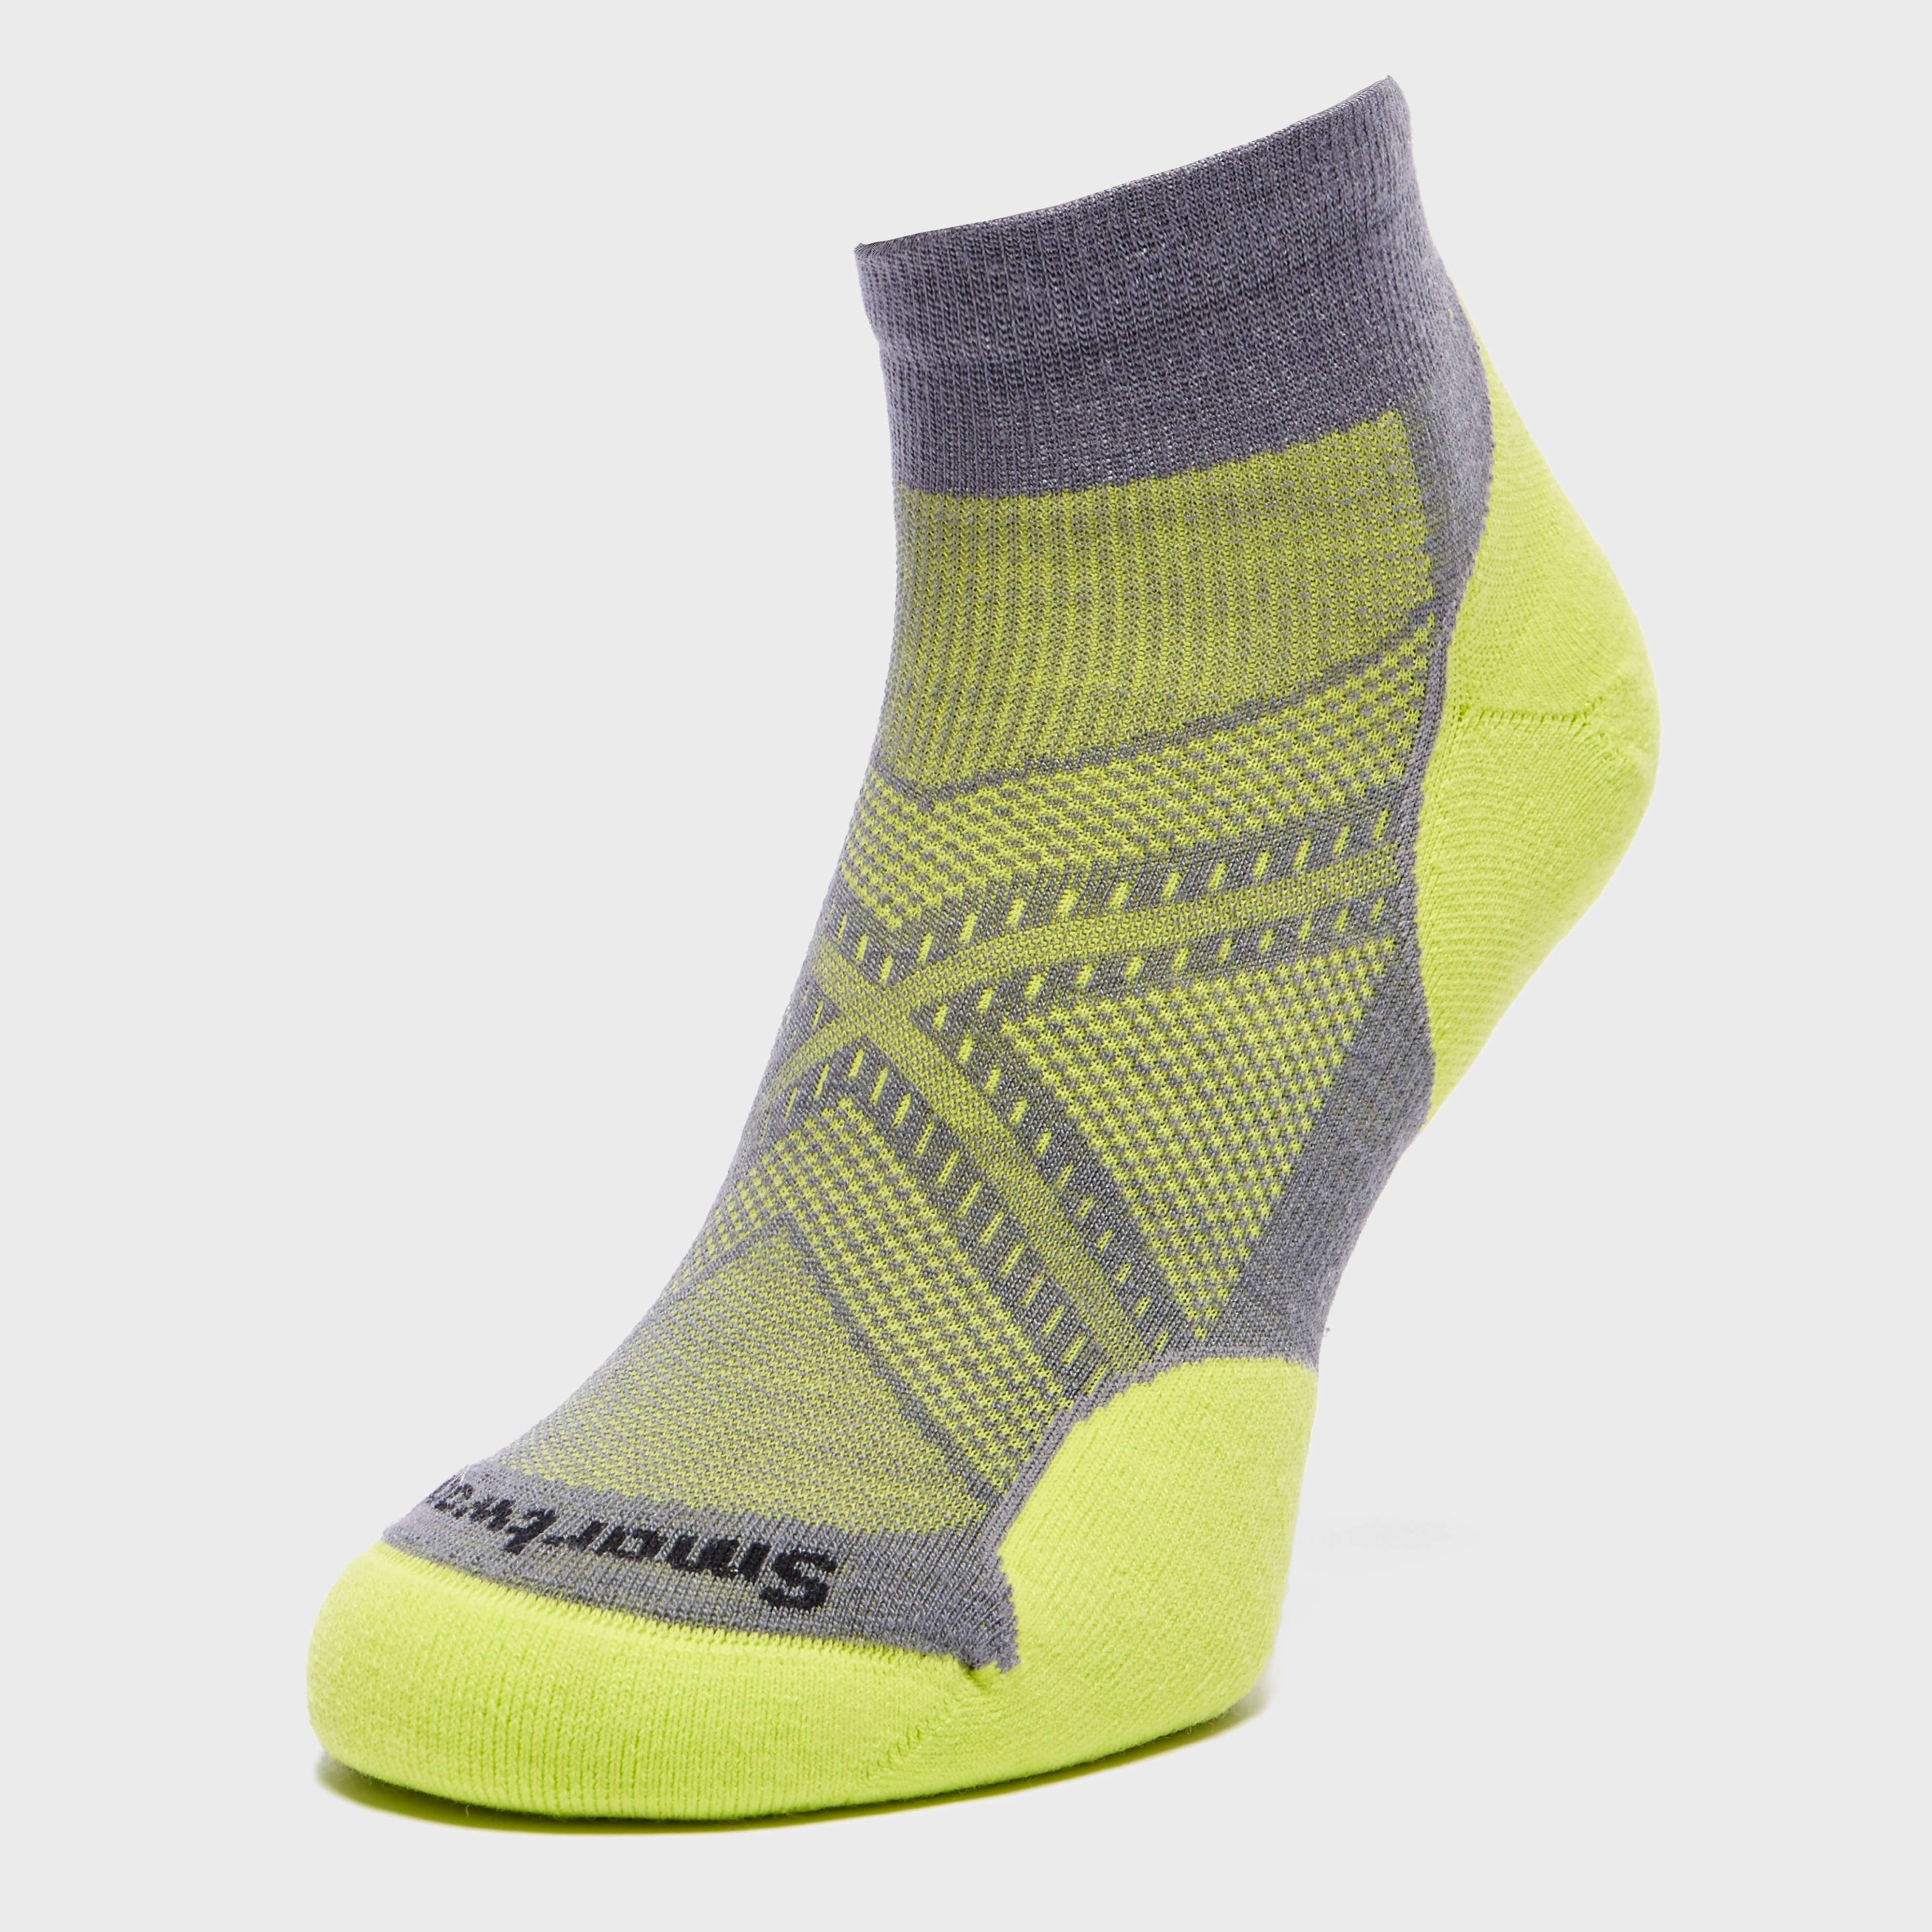 SMARTWOOL Men's PHD Run Light Elite Mini Socks